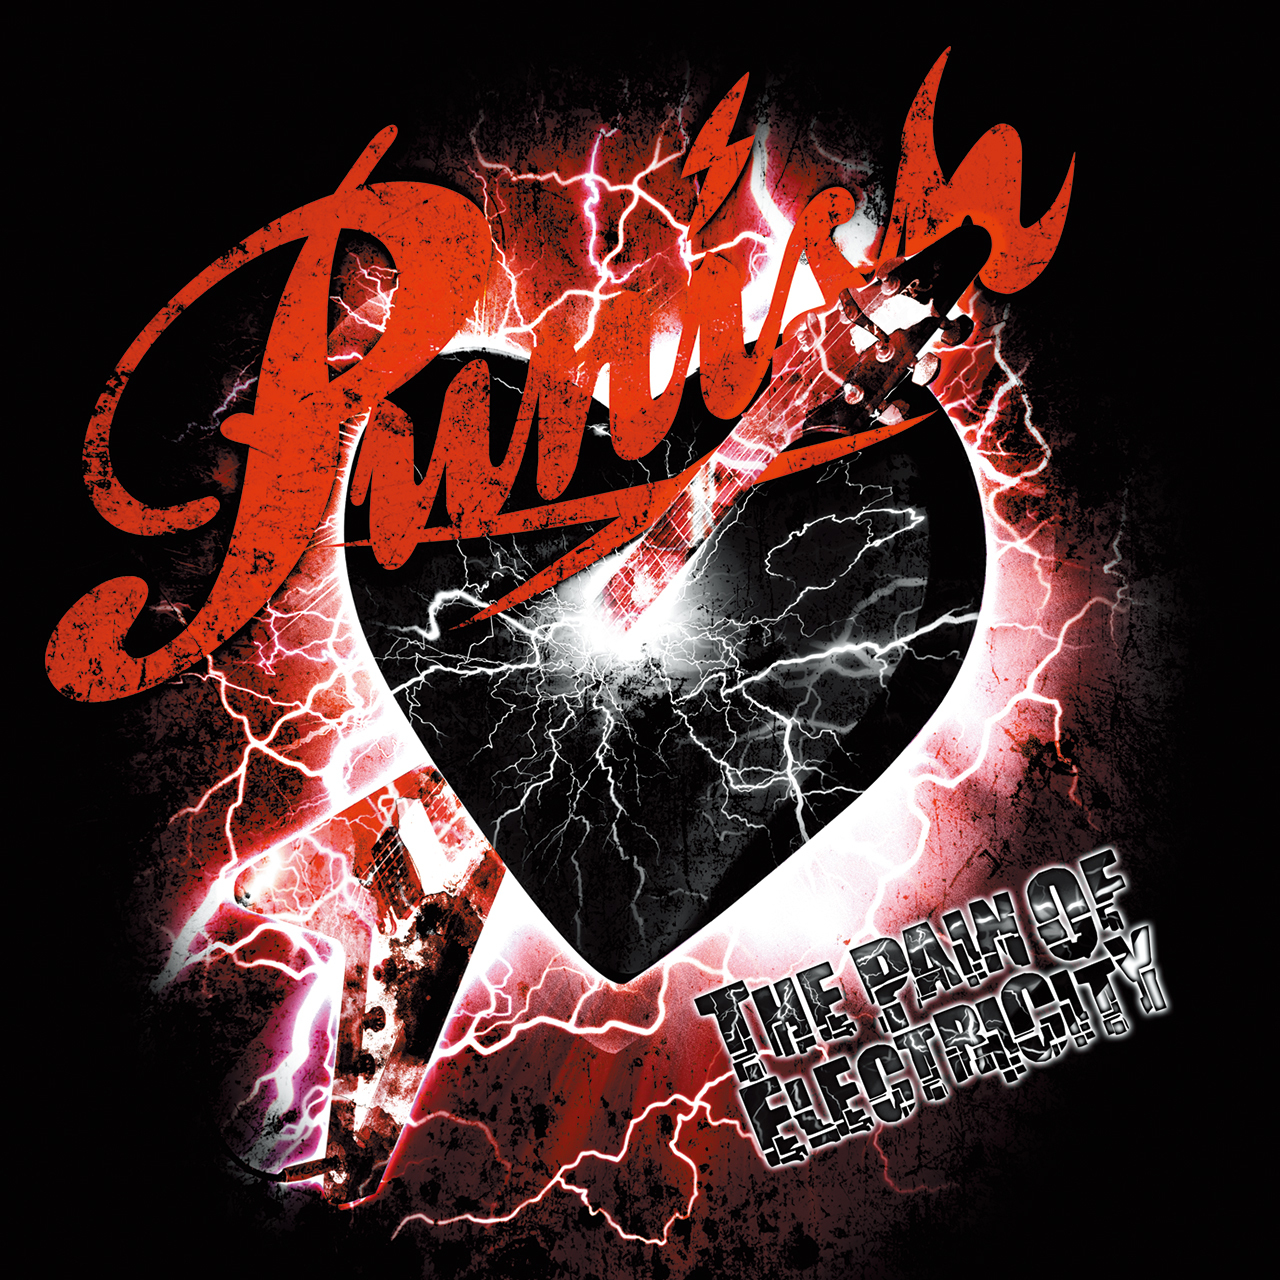 Tシャツ(メンズ完売)+ステッカーset:Punish - 画像4